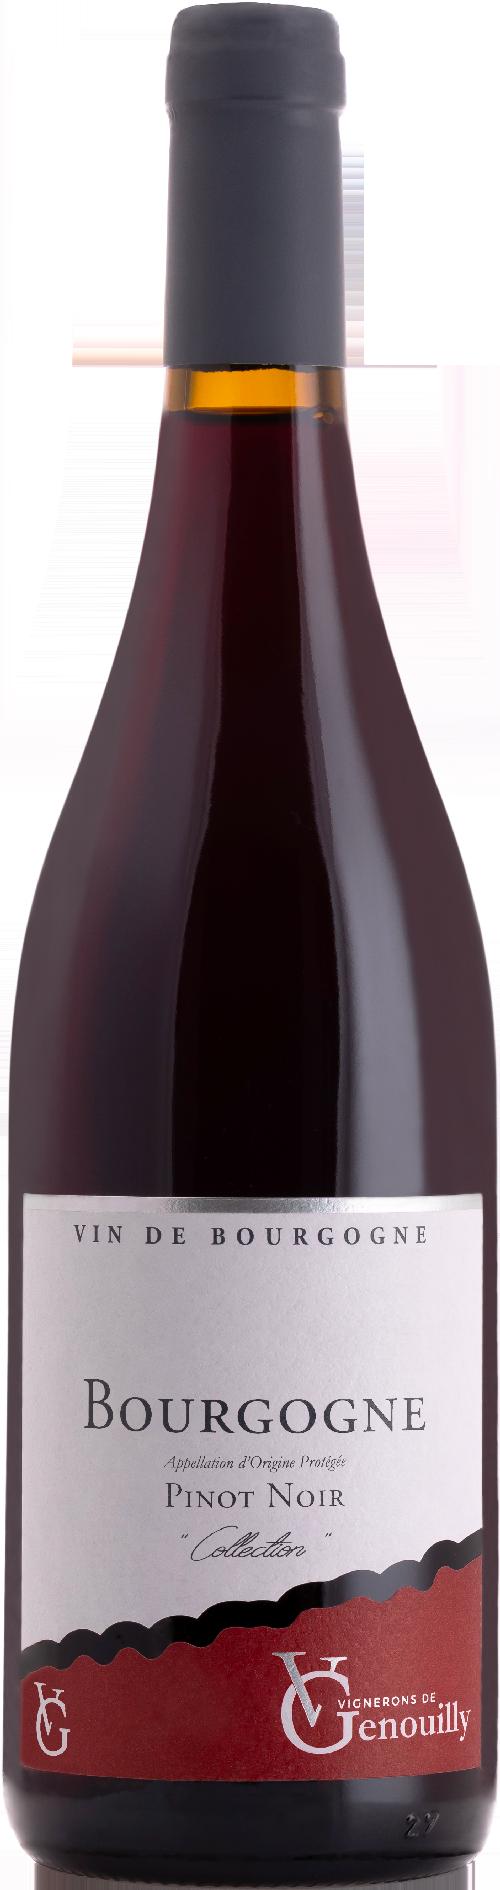 Domaine de Genouilly - Vins de Bourgogne Rouge